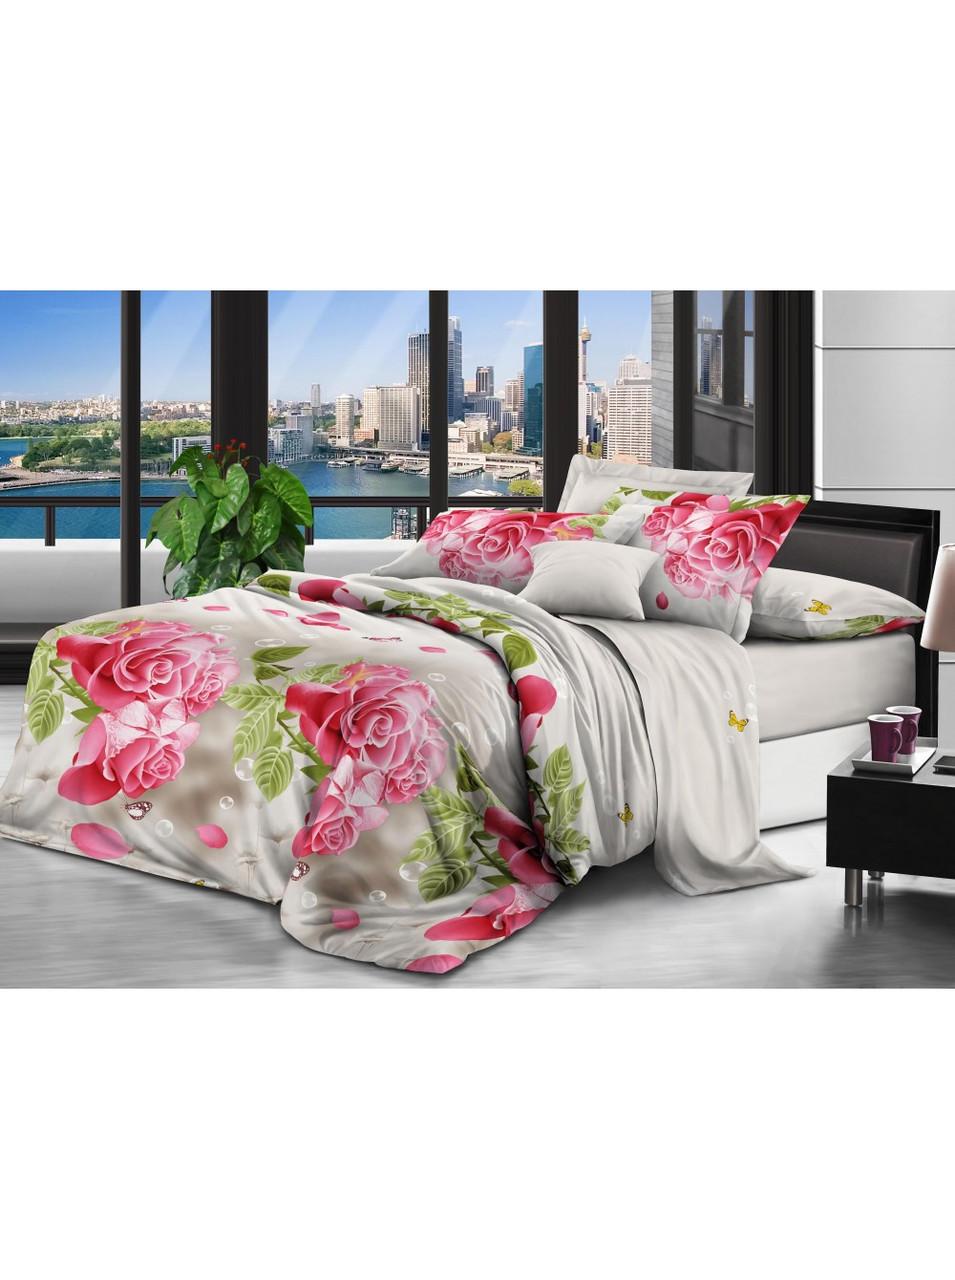 Комплект постельного белья полиэстер Большие Розовые Розы